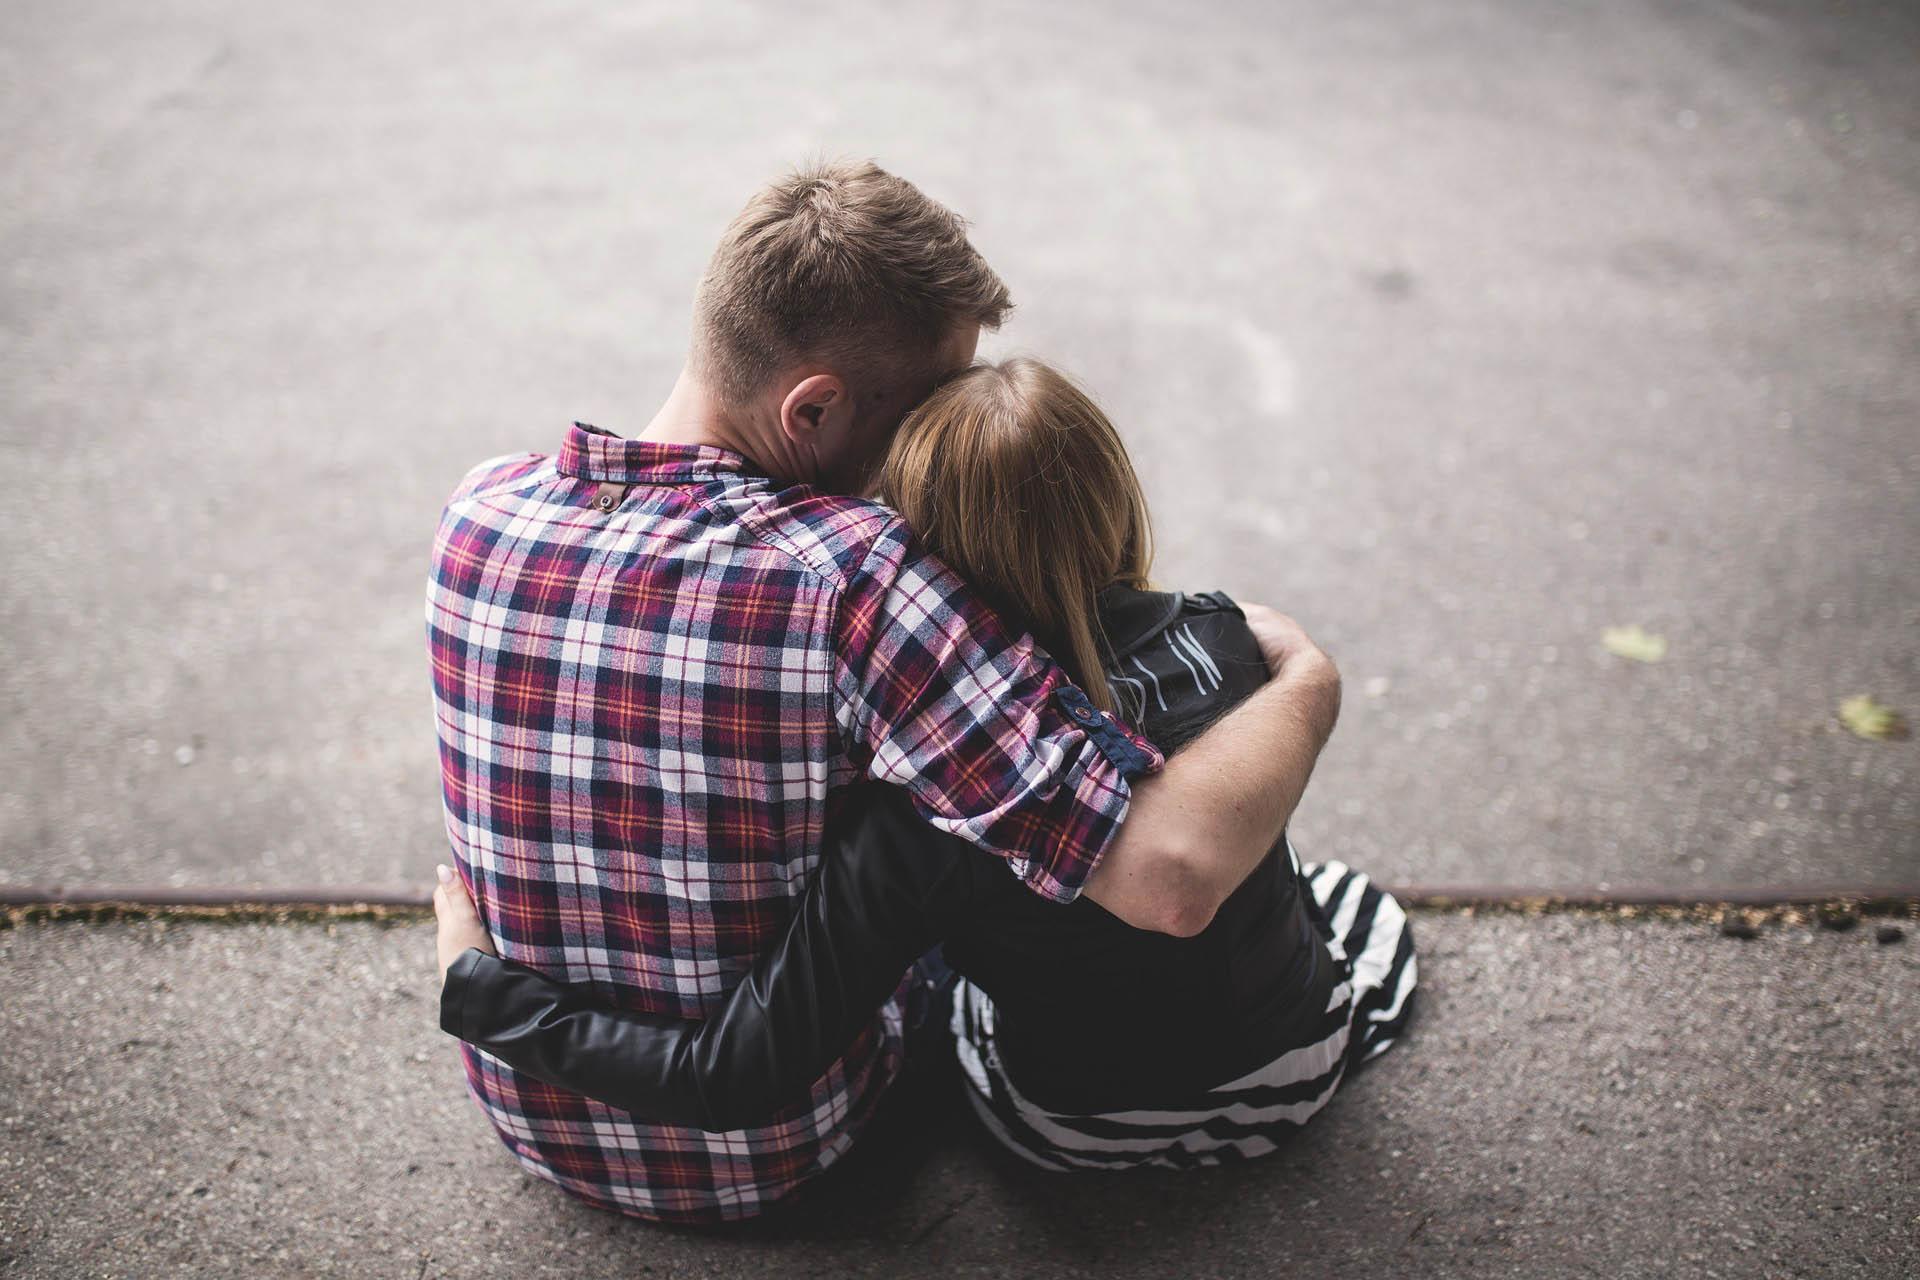 ¿Cómo ayudar a alguien que ha perdido a un ser querido?